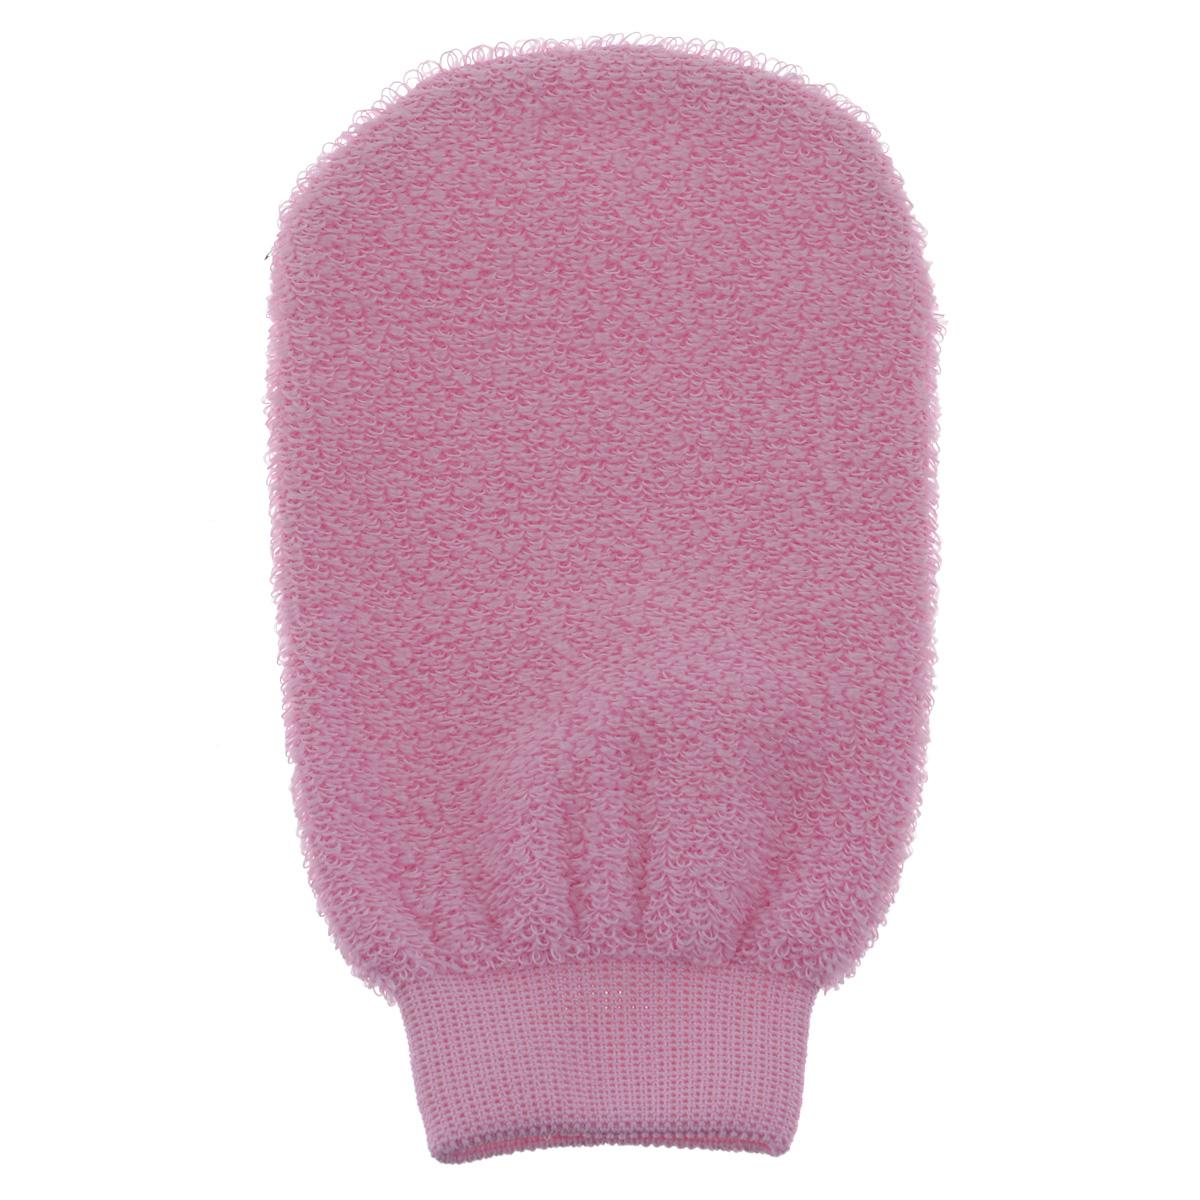 Мочалка-рукавица для лица Riffi, розовый870288Мочалка-рукавица Riffi деликатно ухаживает за кожей лица, обладает активным отличным пилинговым действием, тонизируя, массируя и эффективно очищая вашу кожу. Слегка влажной рукавицей можно очищать лицо от макияжа даже без применения косметических средств. Рукавица не только эффективно чистит самые глубокие поры, но и делает мягкий деликатный массаж. Стимулирует кровообращение, обеспечивает омолаживающий эффект. Особая мягкость мочалки позволяет использовать ее для самой нежной и чувствительной кожи.